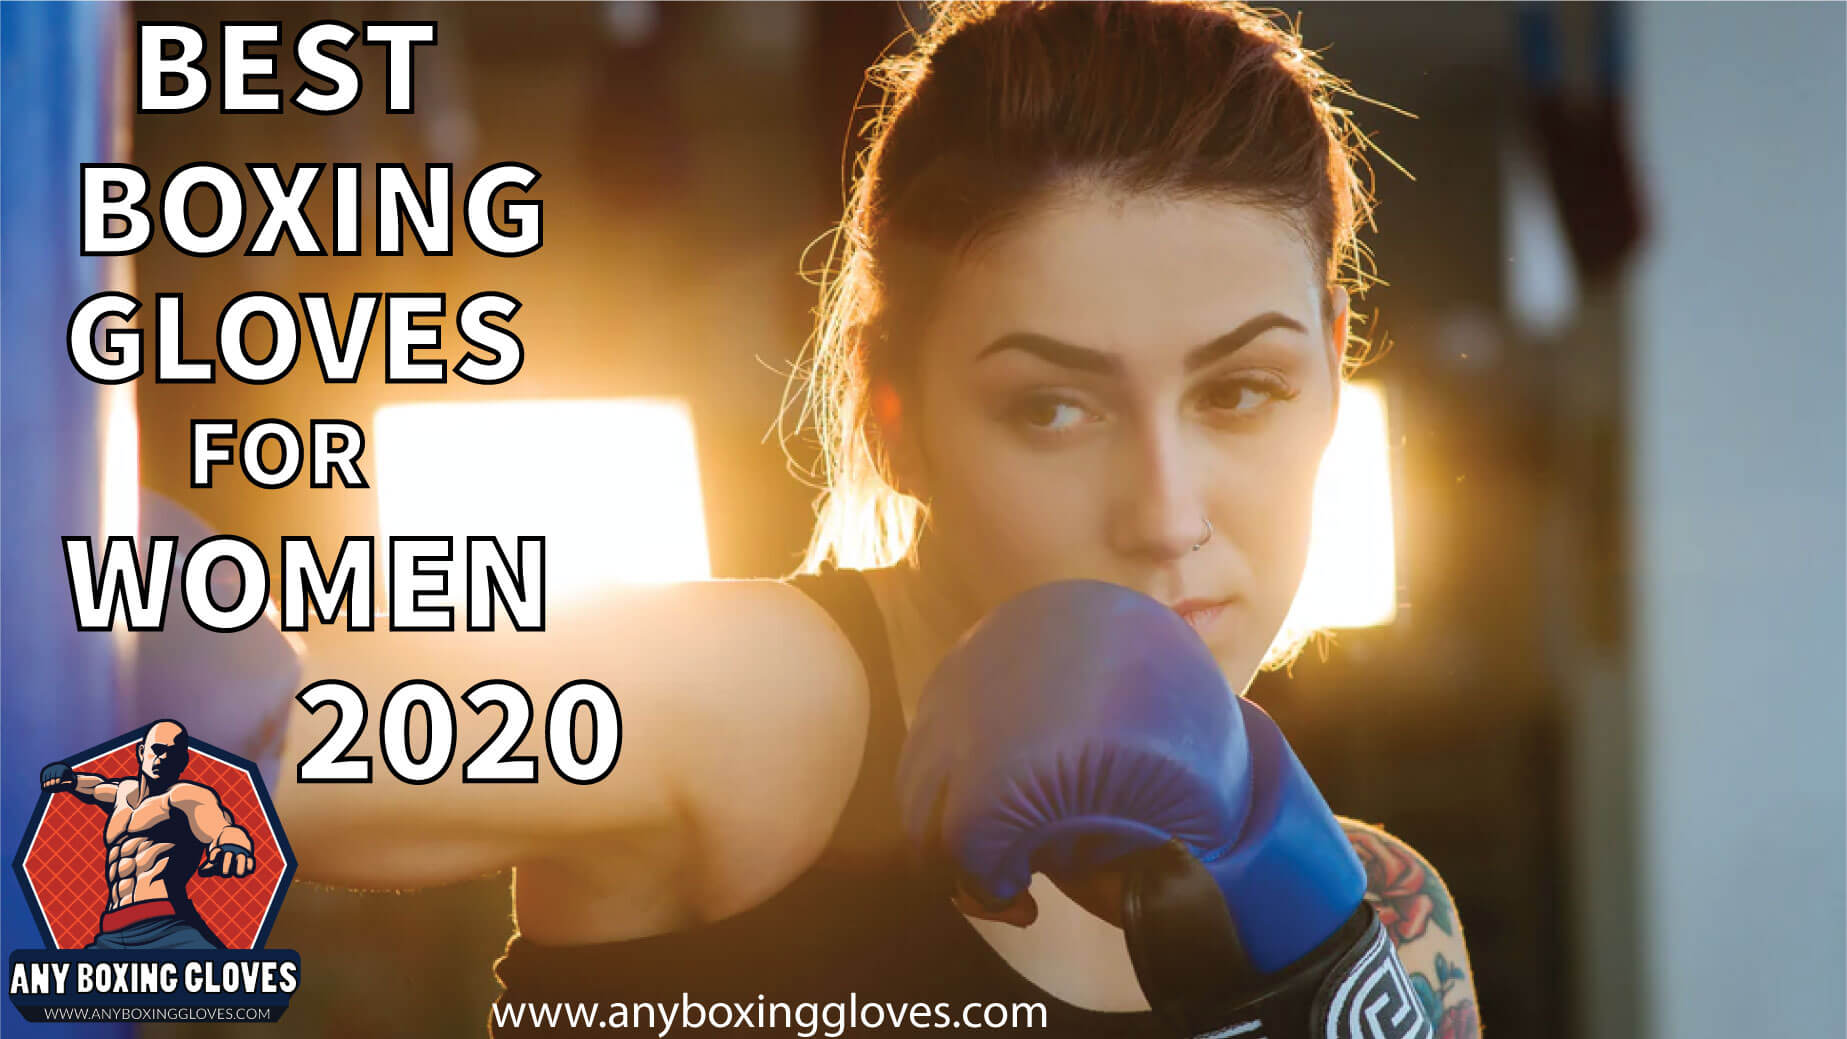 Best Boxing Gloves for Women